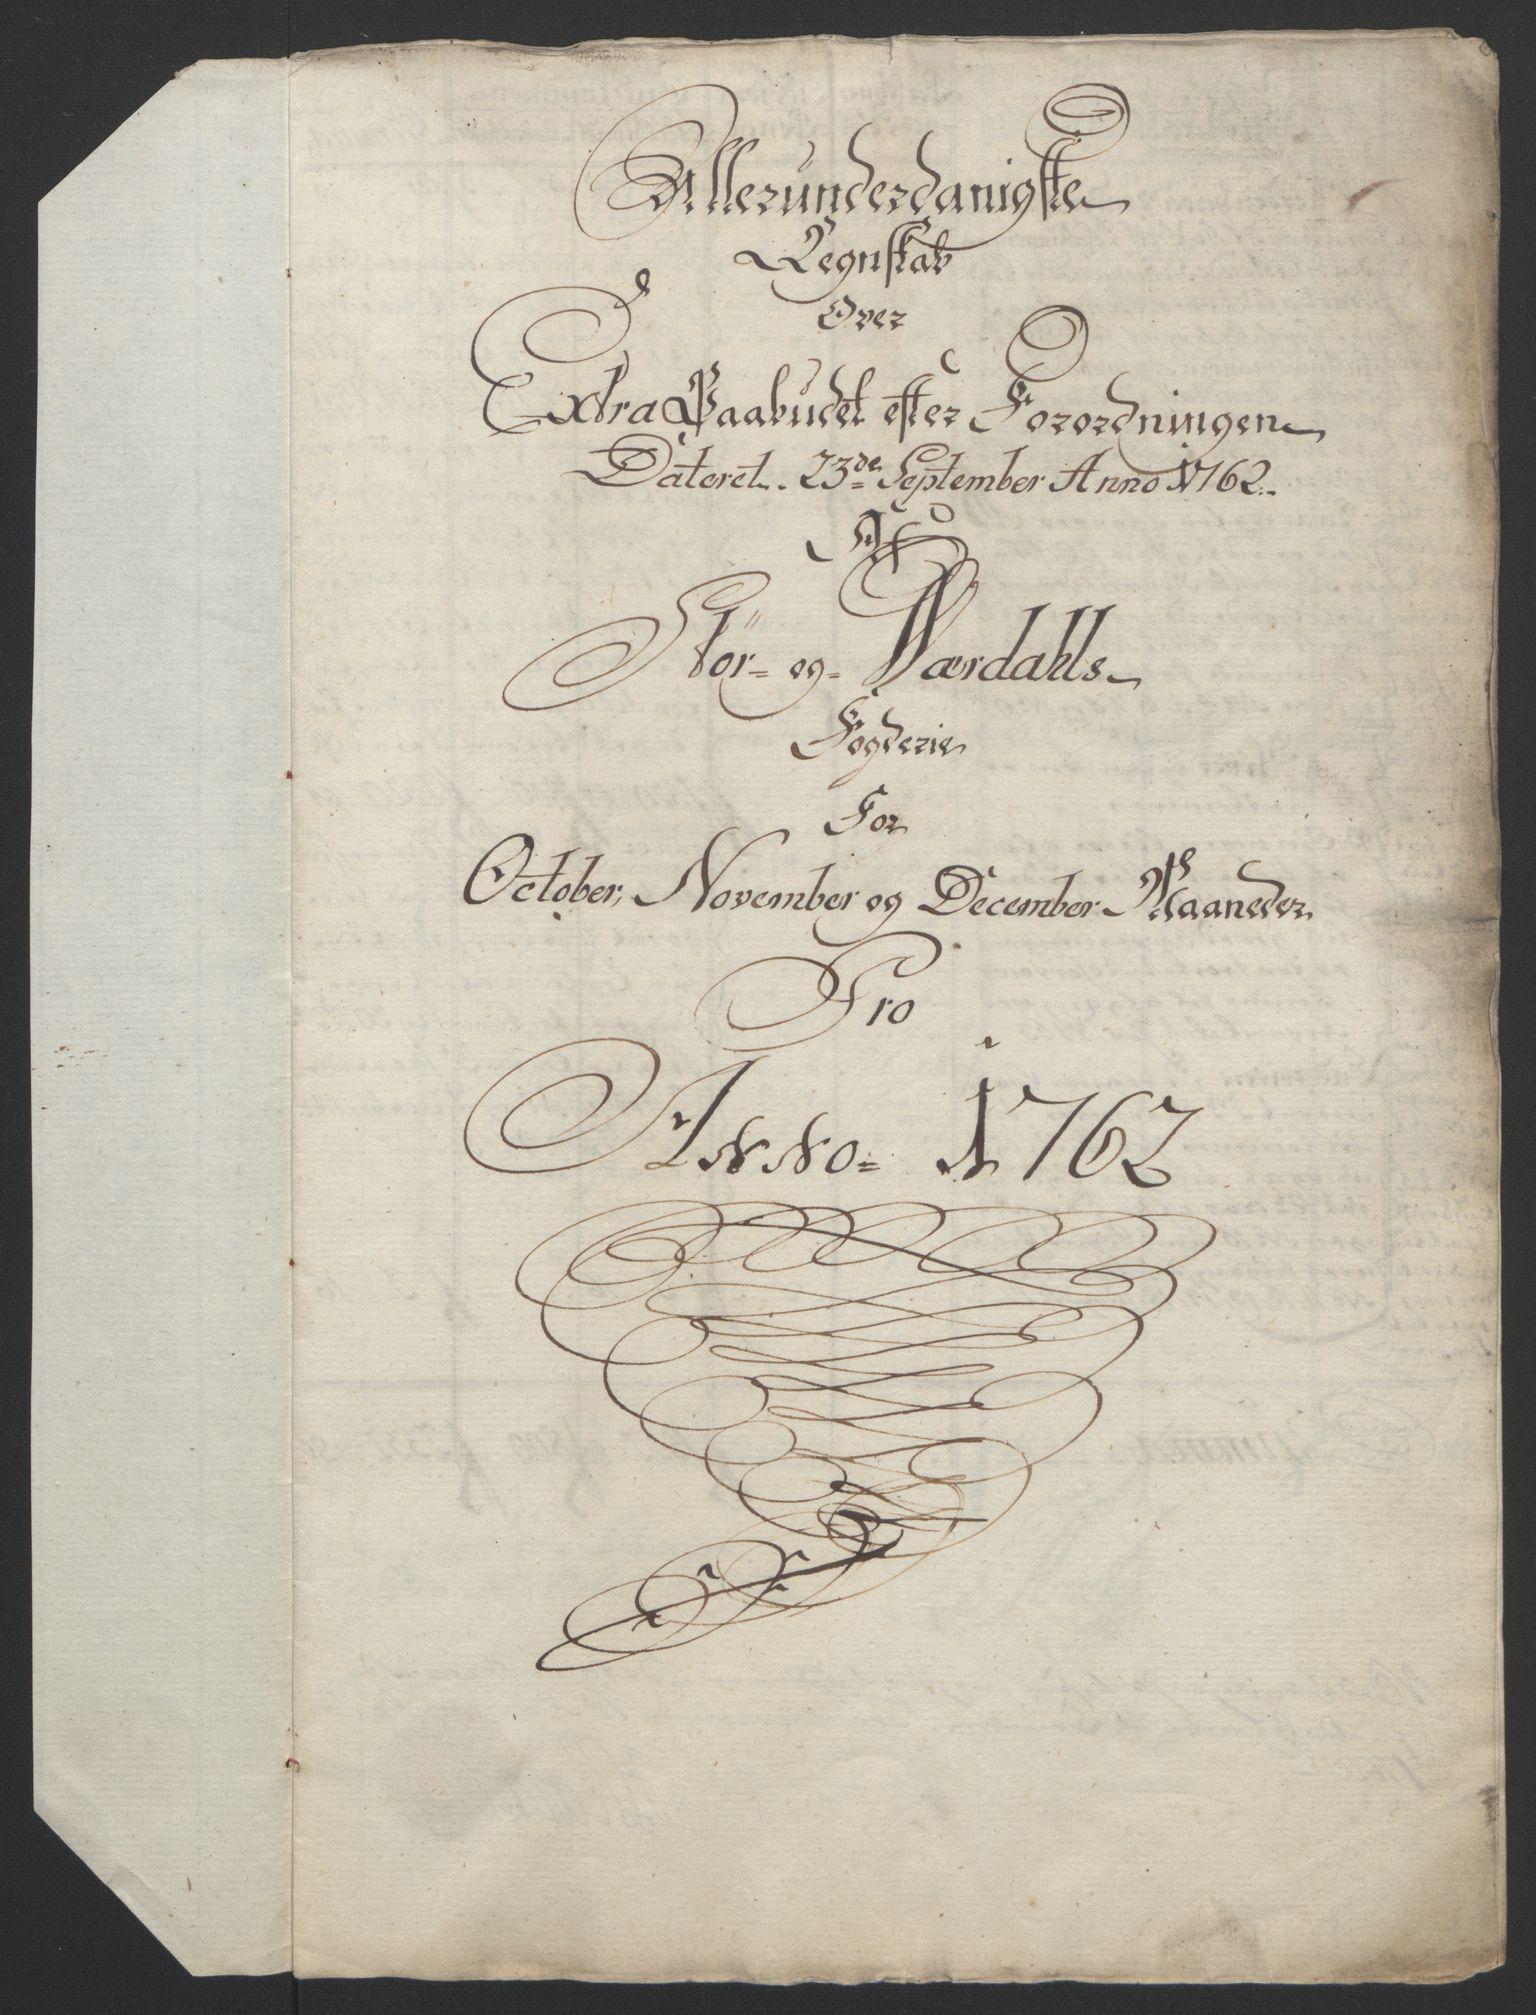 RA, Rentekammeret inntil 1814, Reviderte regnskaper, Fogderegnskap, R62/L4303: Ekstraskatten Stjørdal og Verdal, 1762-1763, s. 5